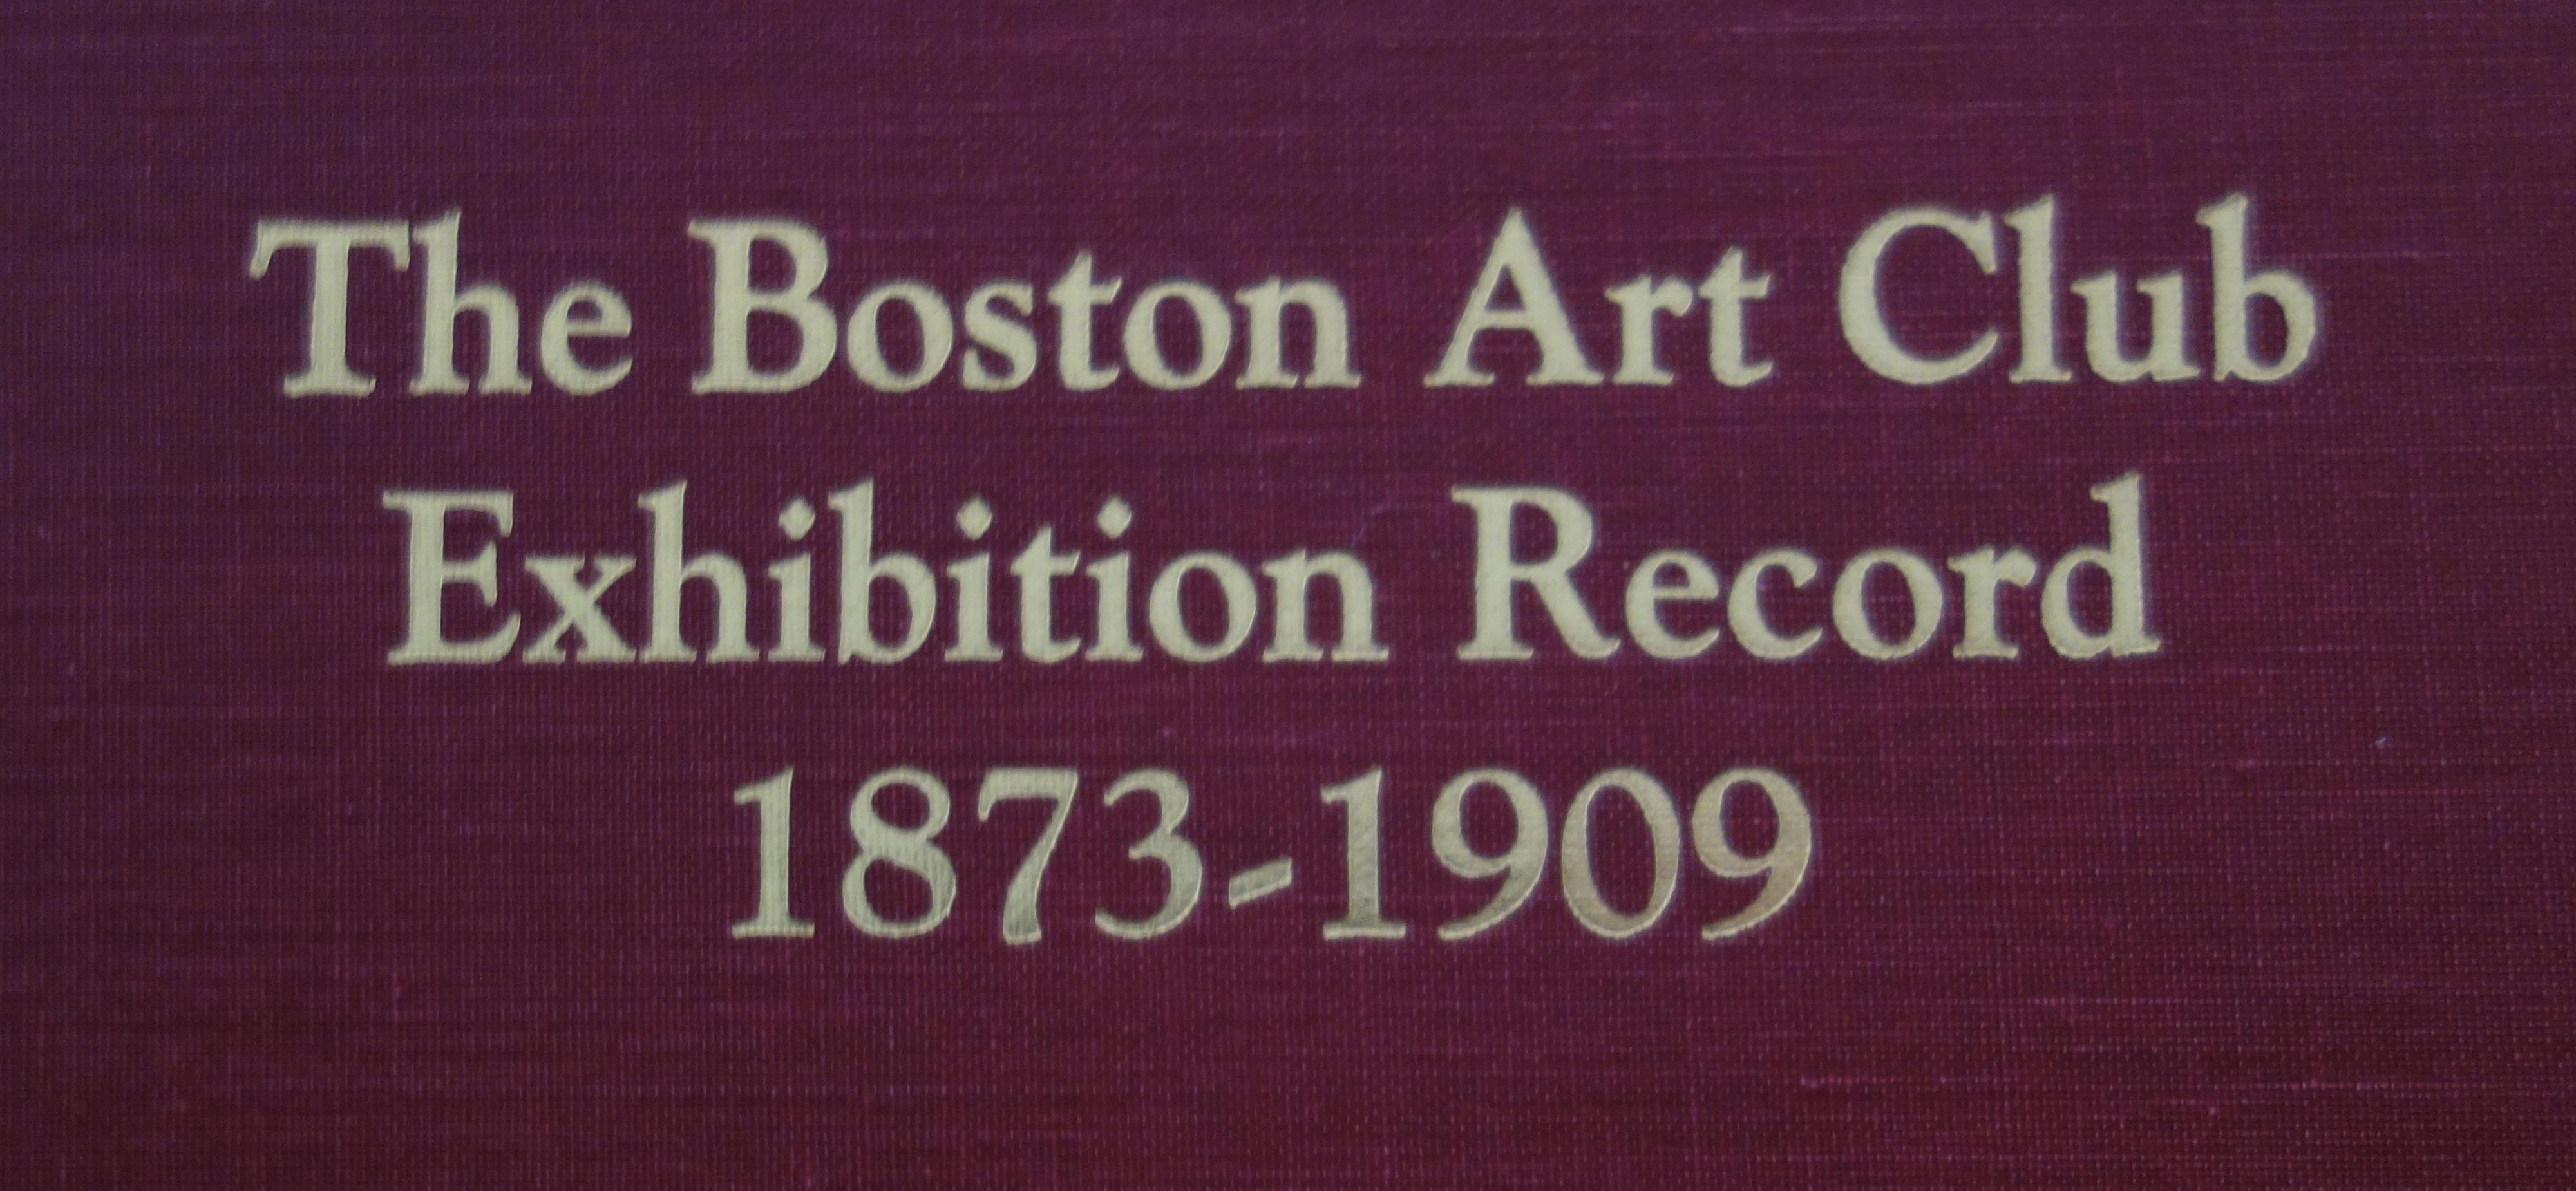 The Boston Art Club  Exhibition Record Book